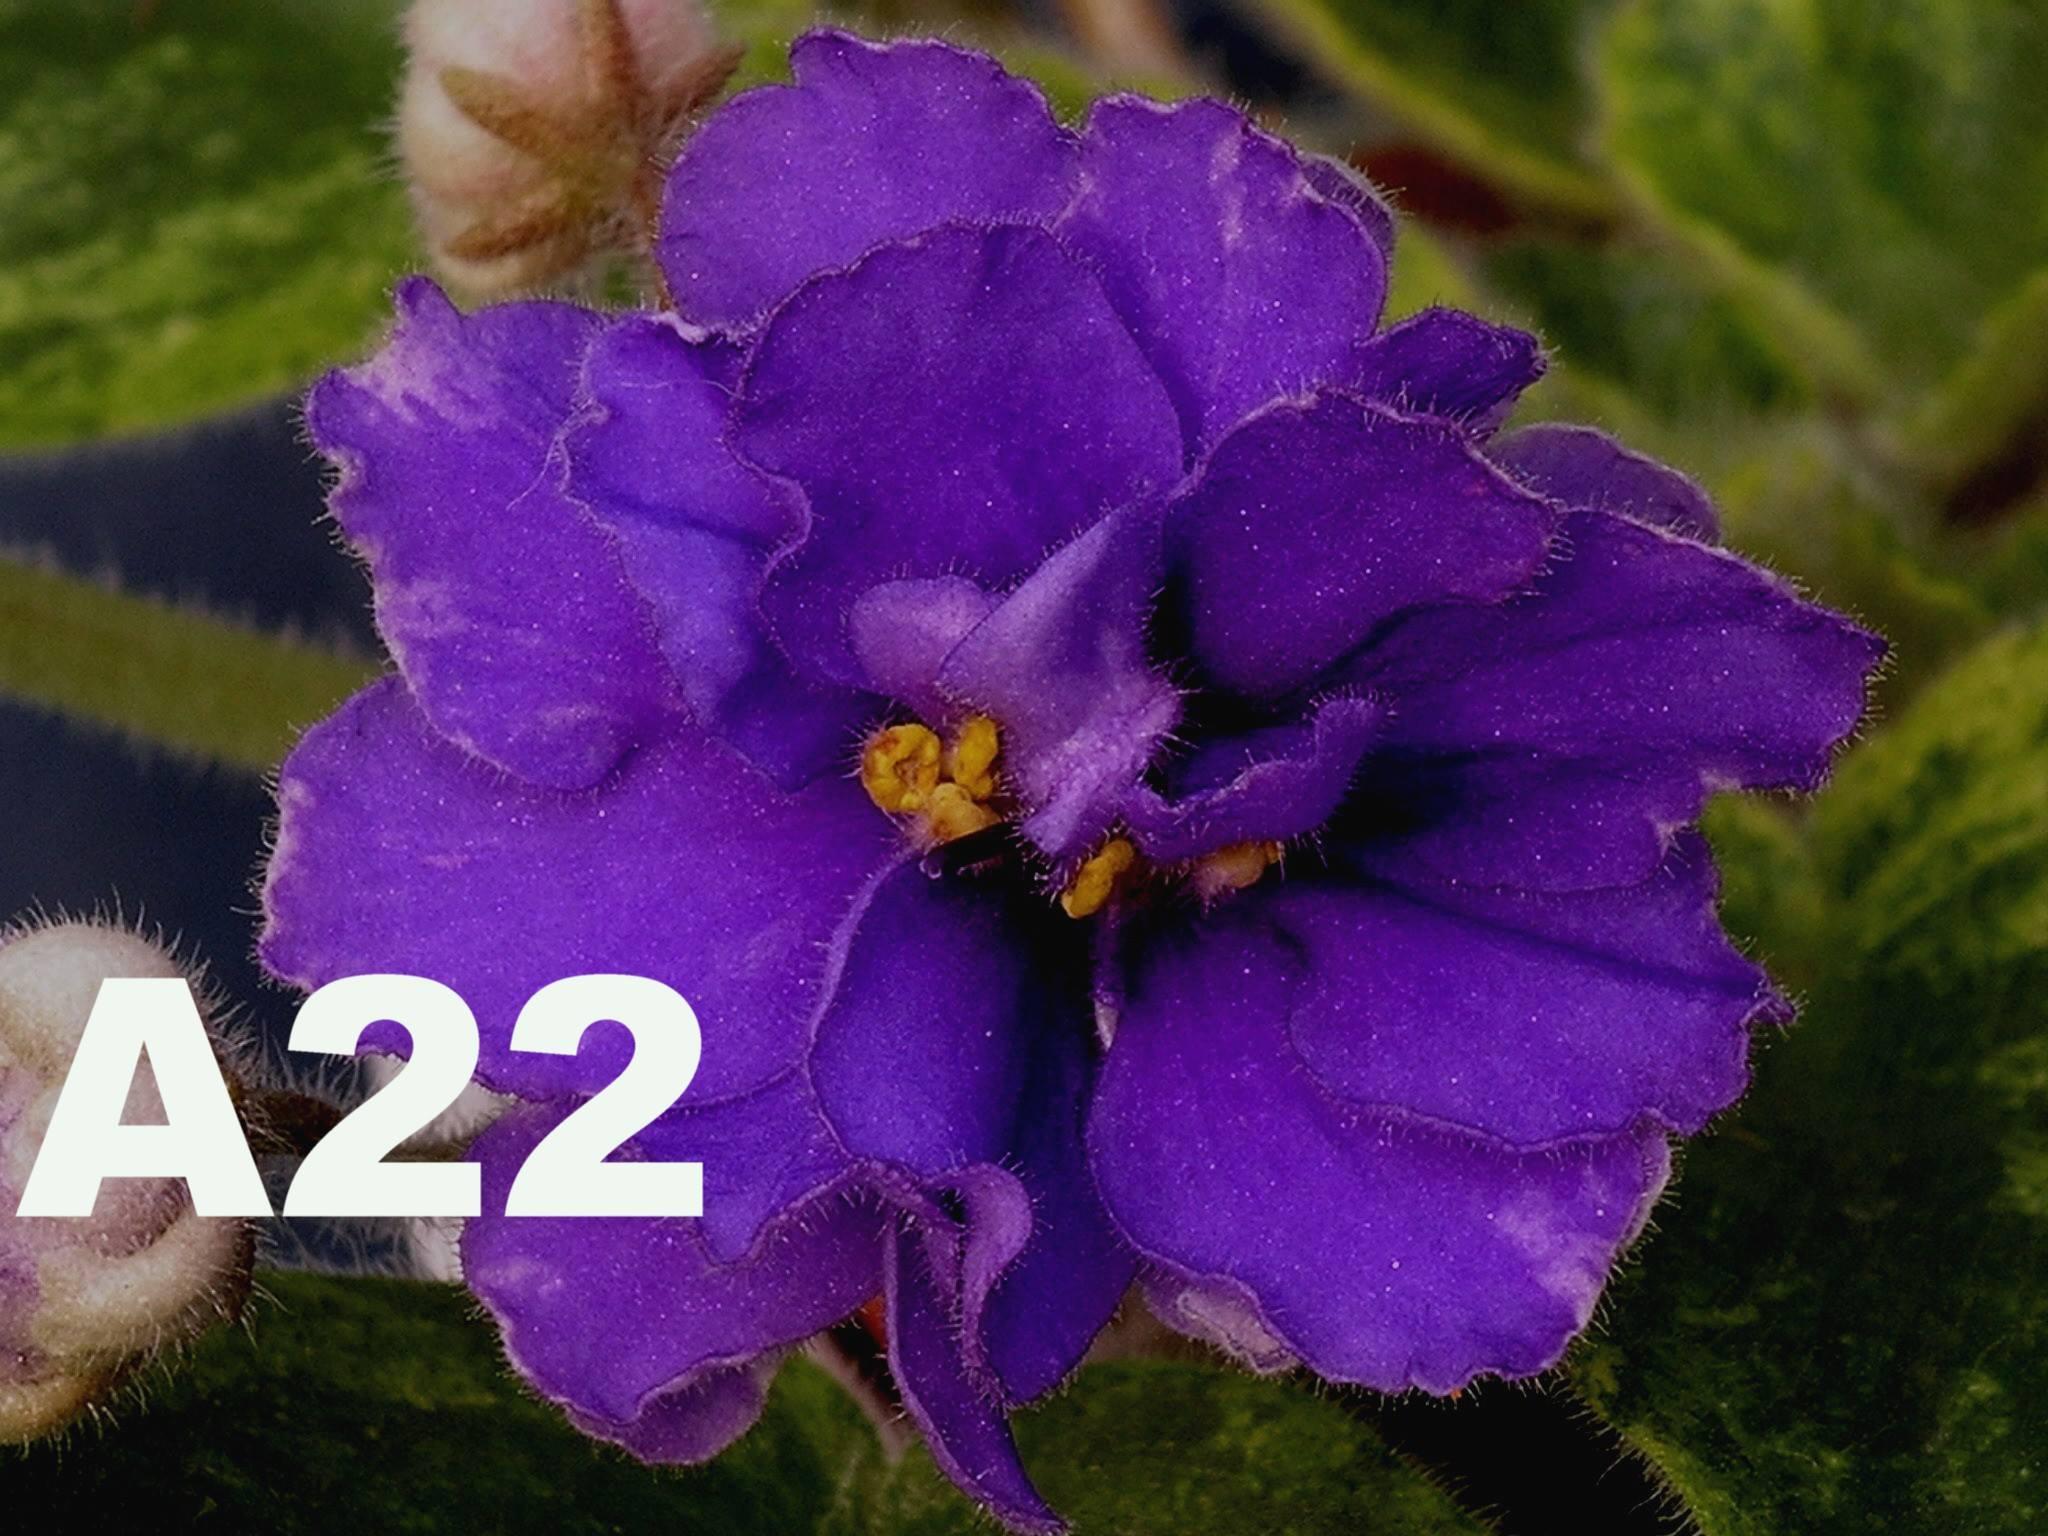 非洲紫羅蘭名錄 | African Violets Catalogue - A系列 A22